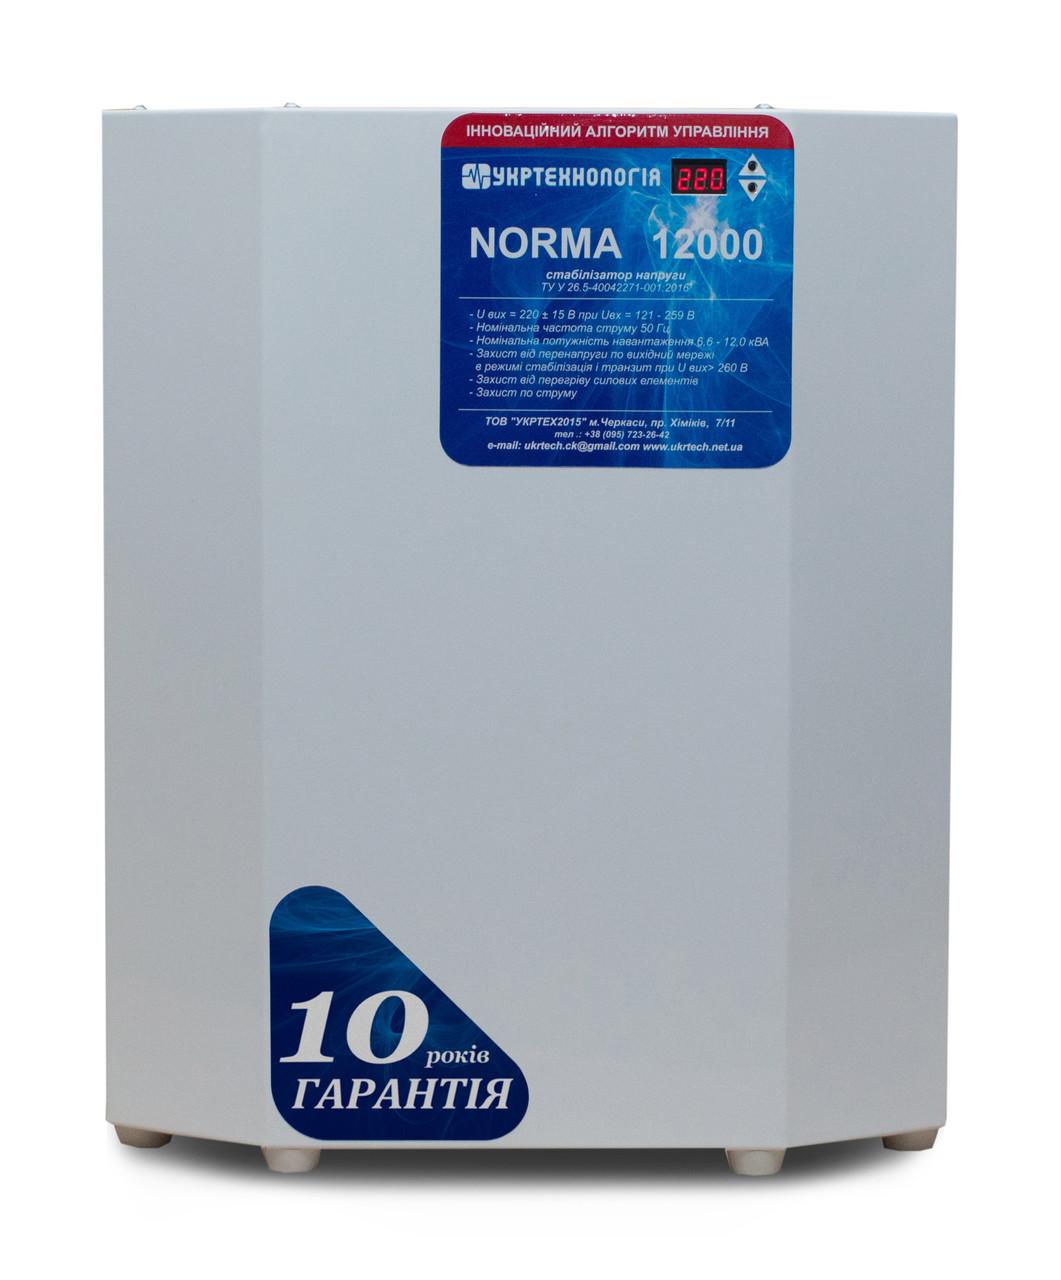 Стабилизатор напряжения Укртехнология Norma НСН-12000 HV (63А)